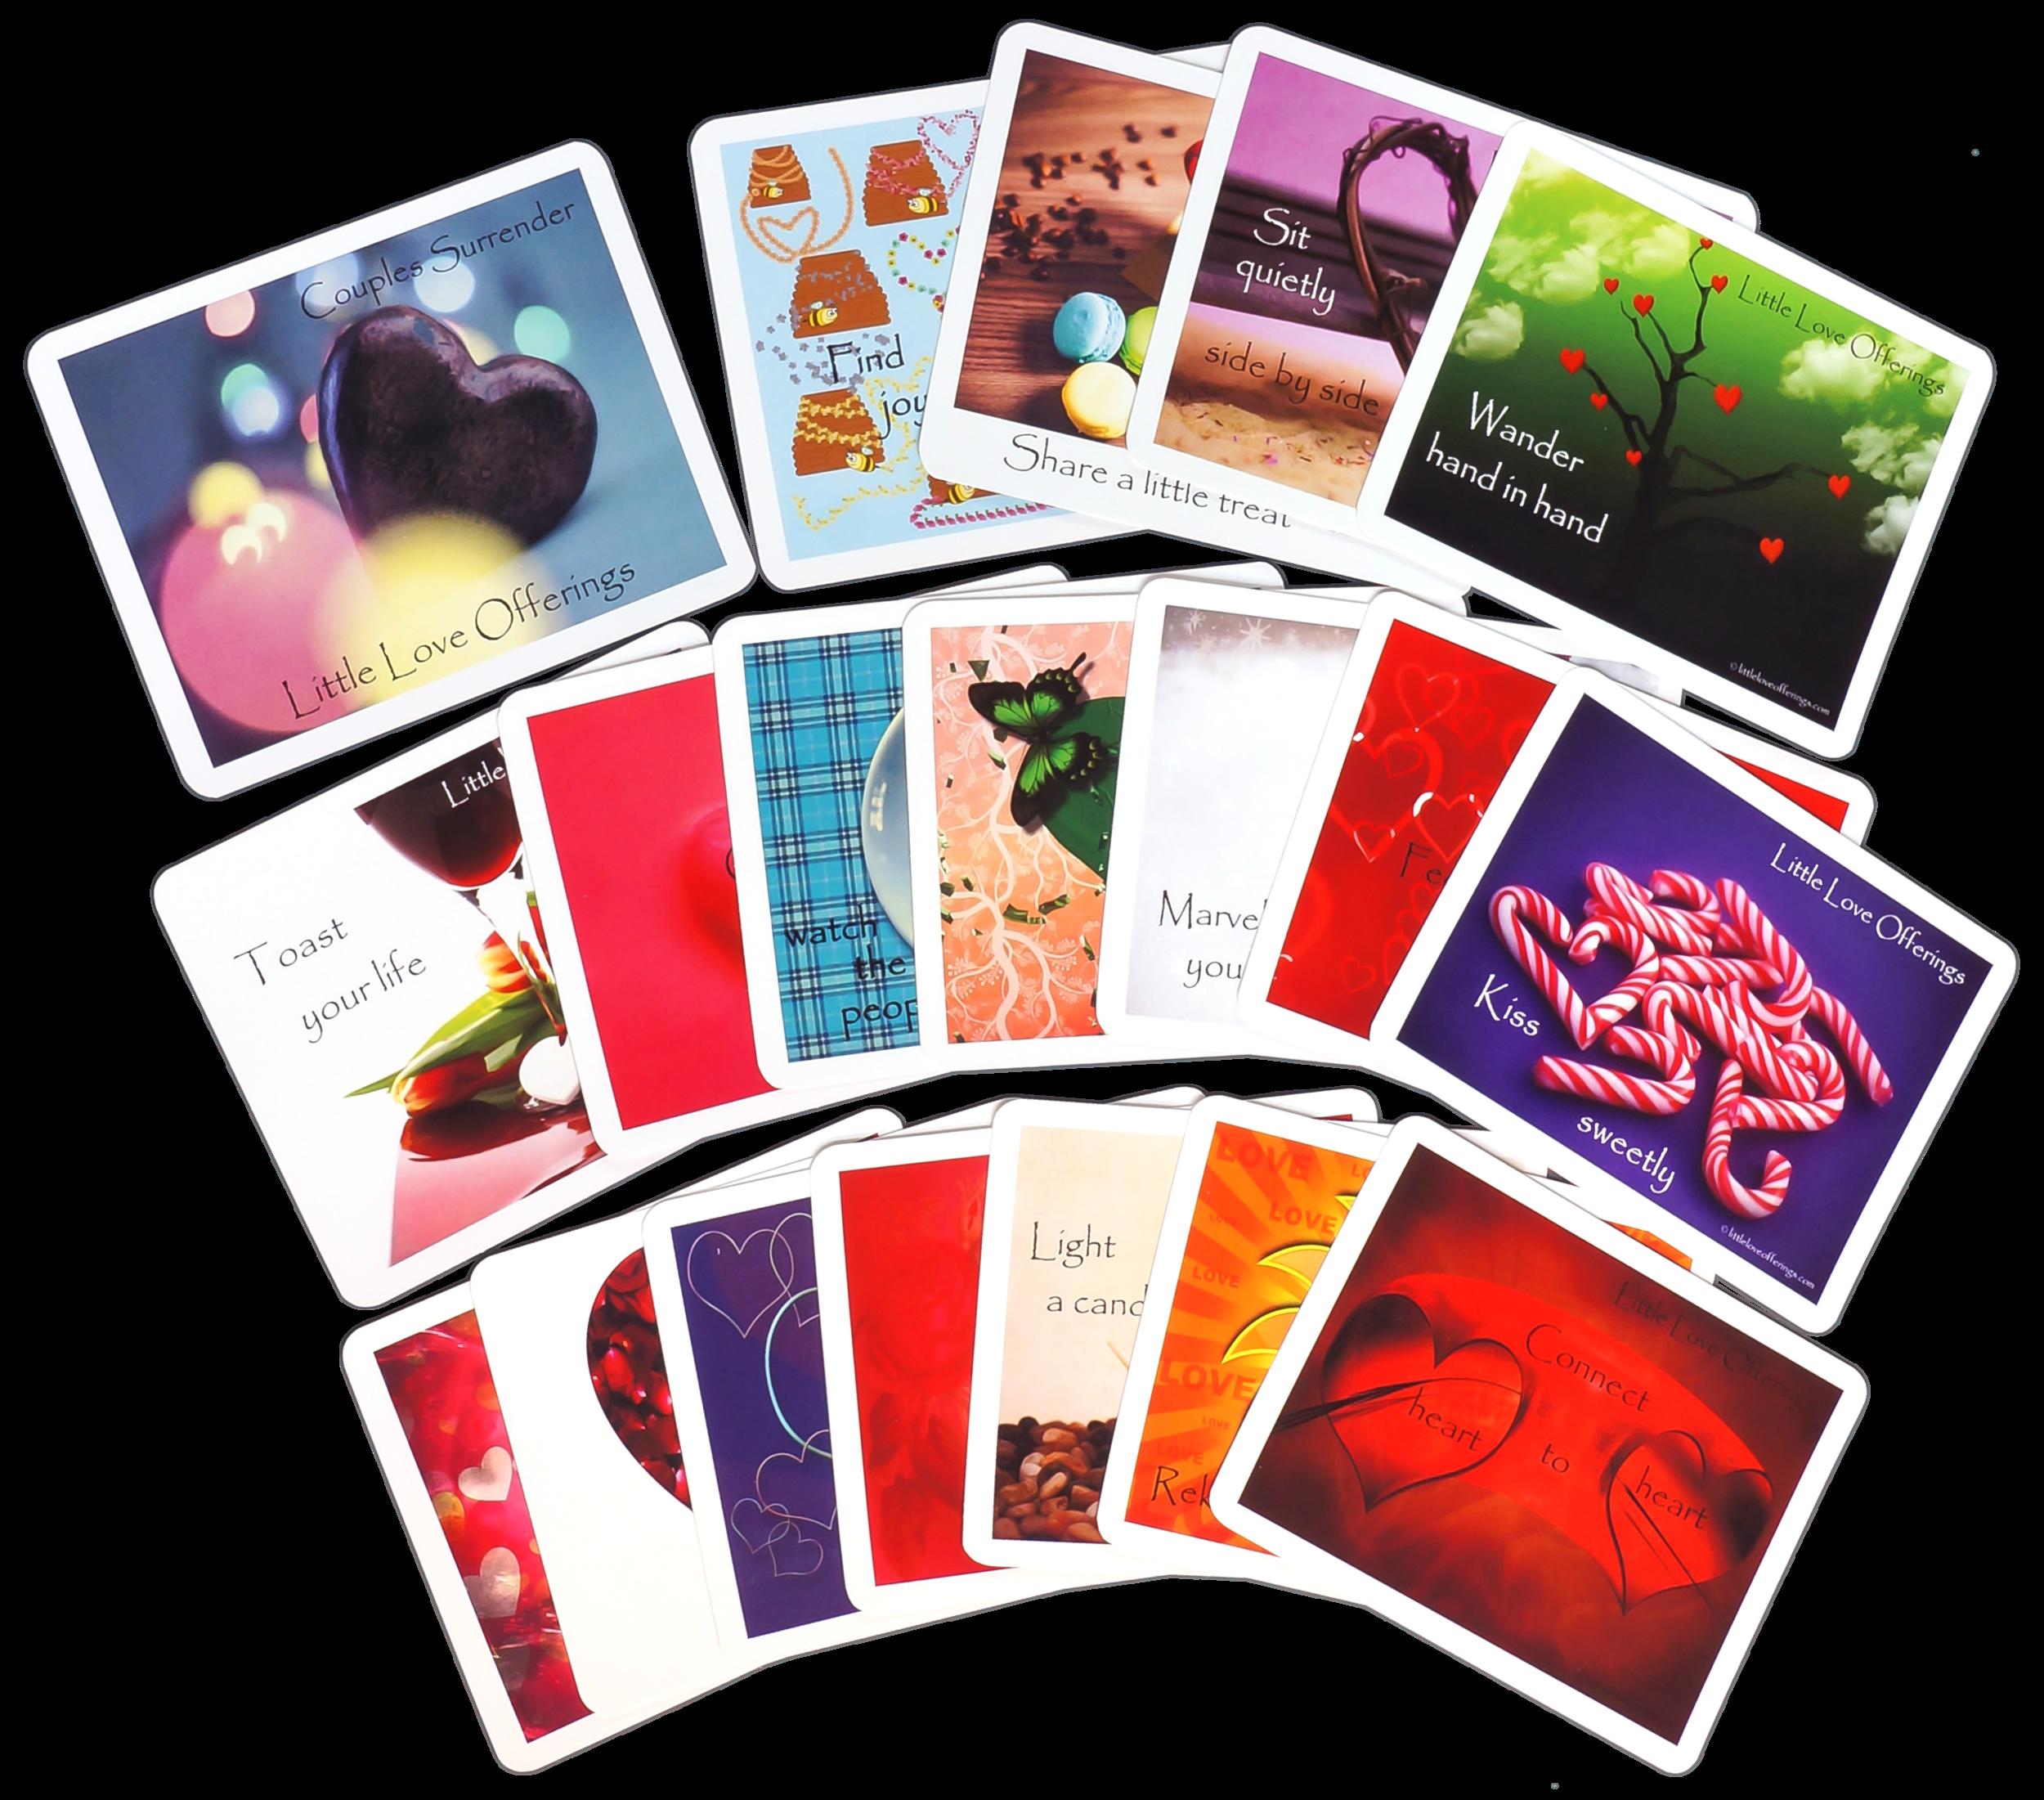 Amy cards_Lightroom-08764.png